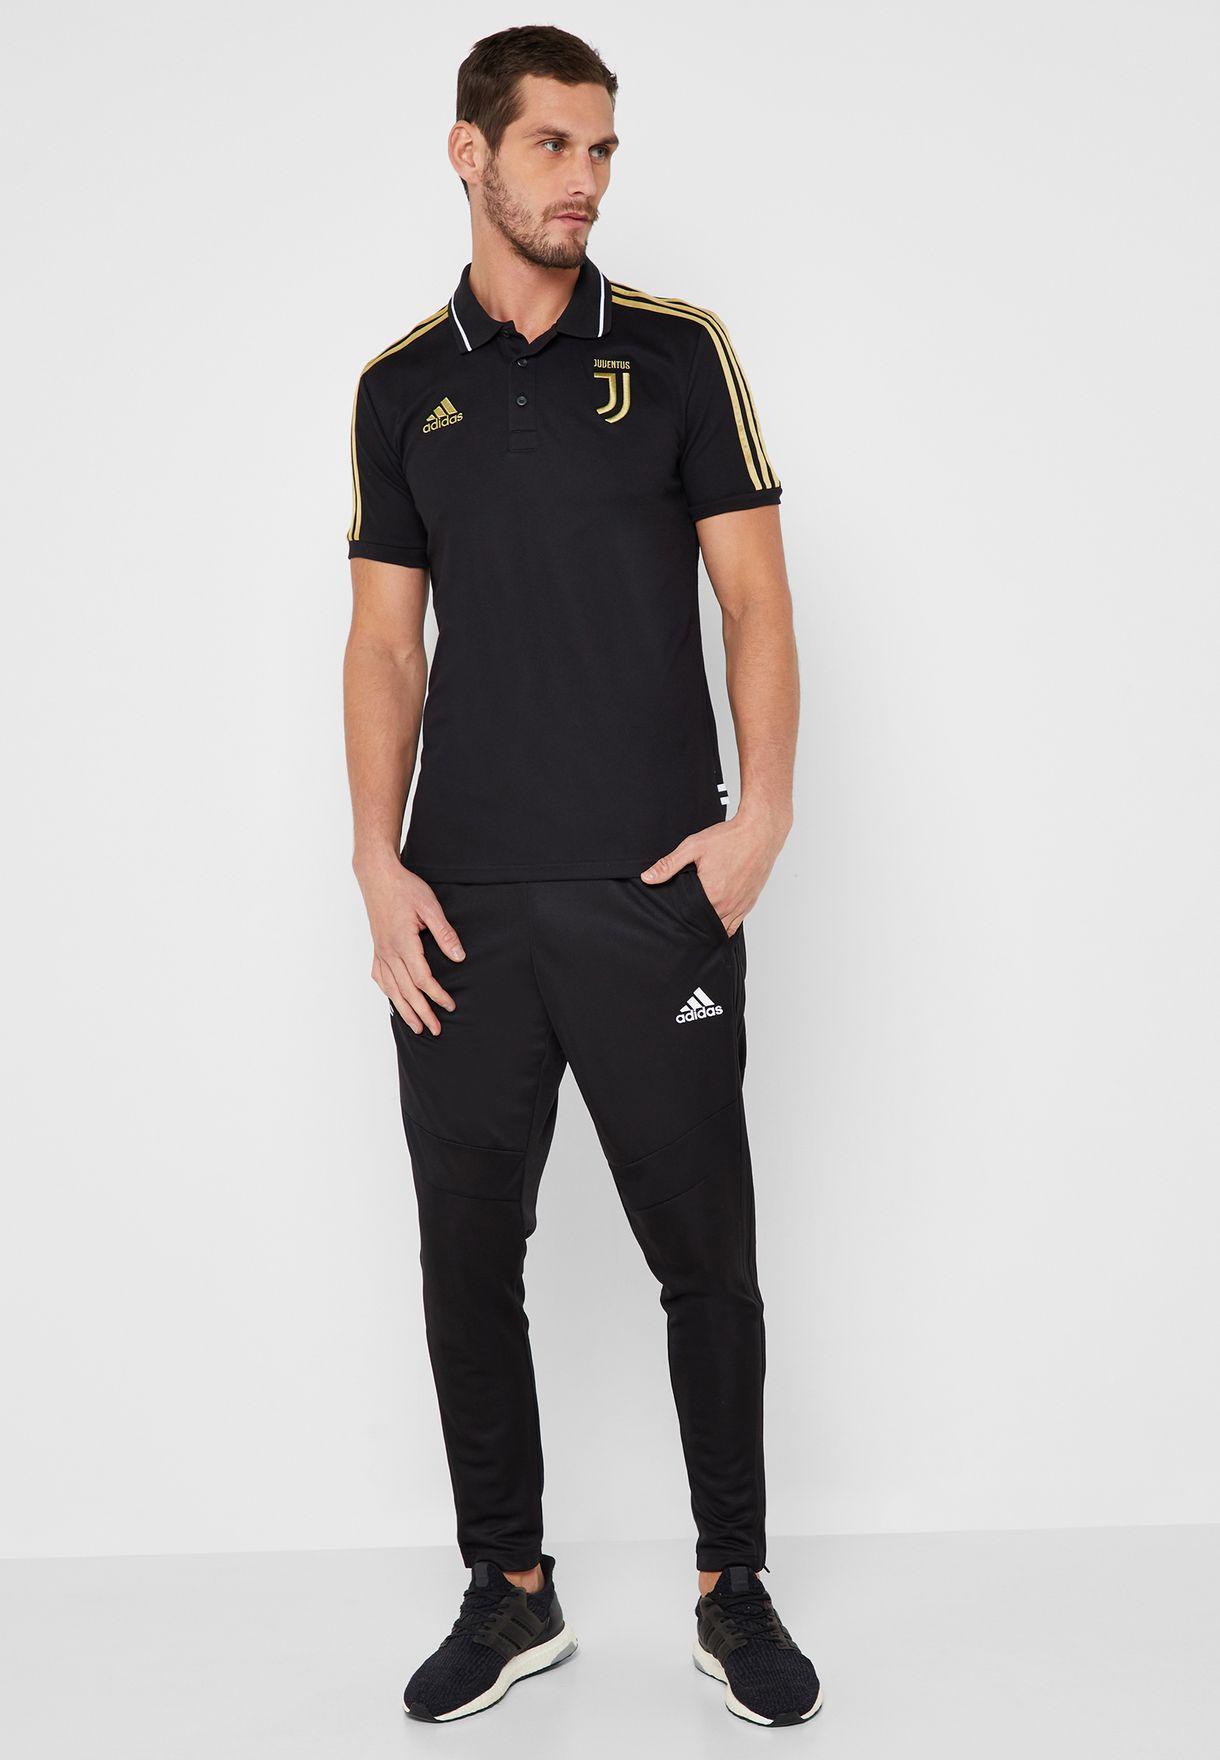 adidas Juventus Polo Shirt - Soccer Shop Turin Juventus Merchandise - Superfanas.lt